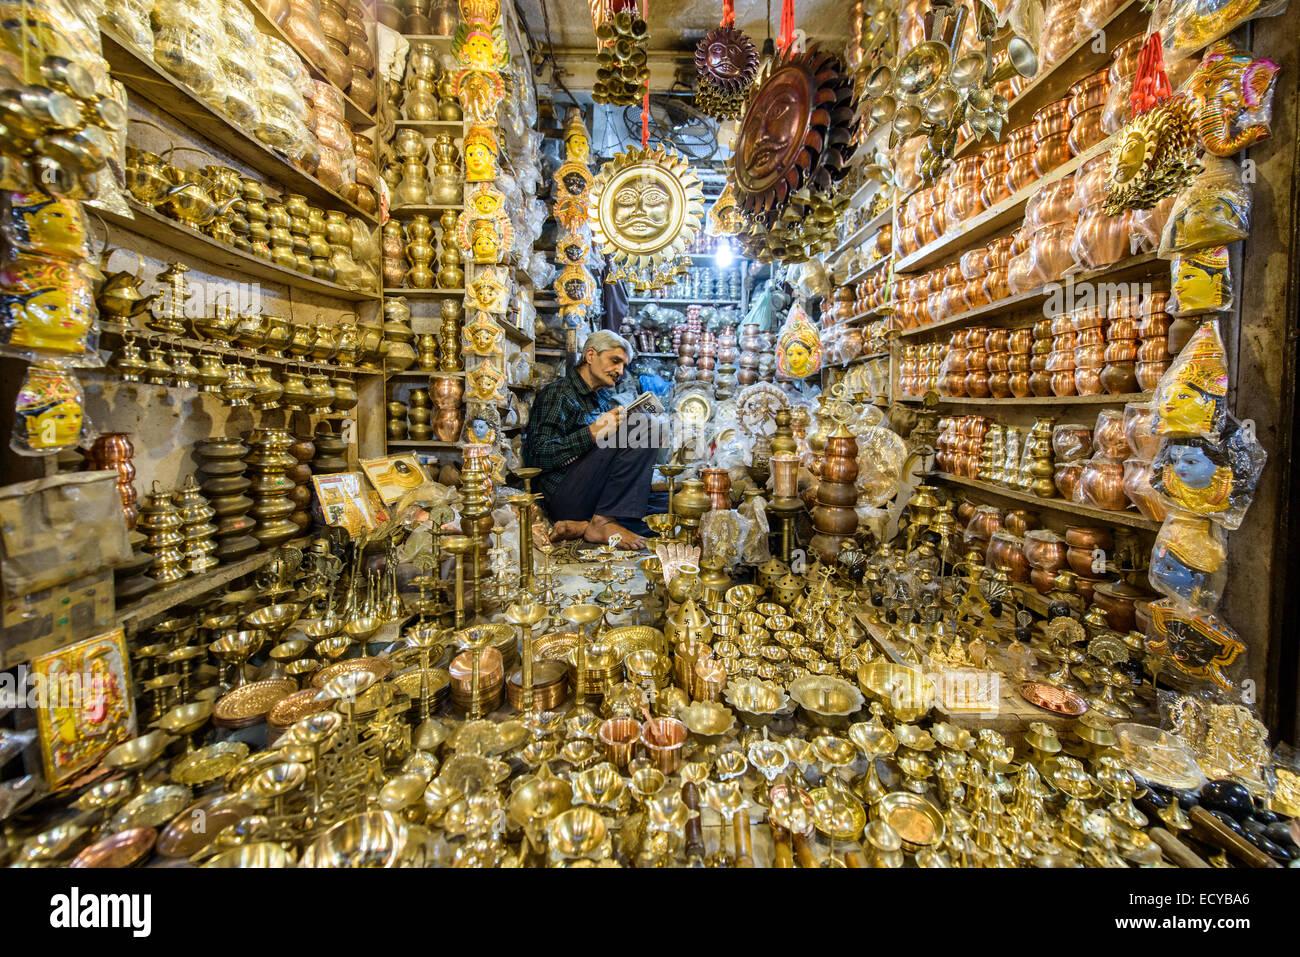 Boutique de souvenirs à Varanasi, Inde Photo Stock